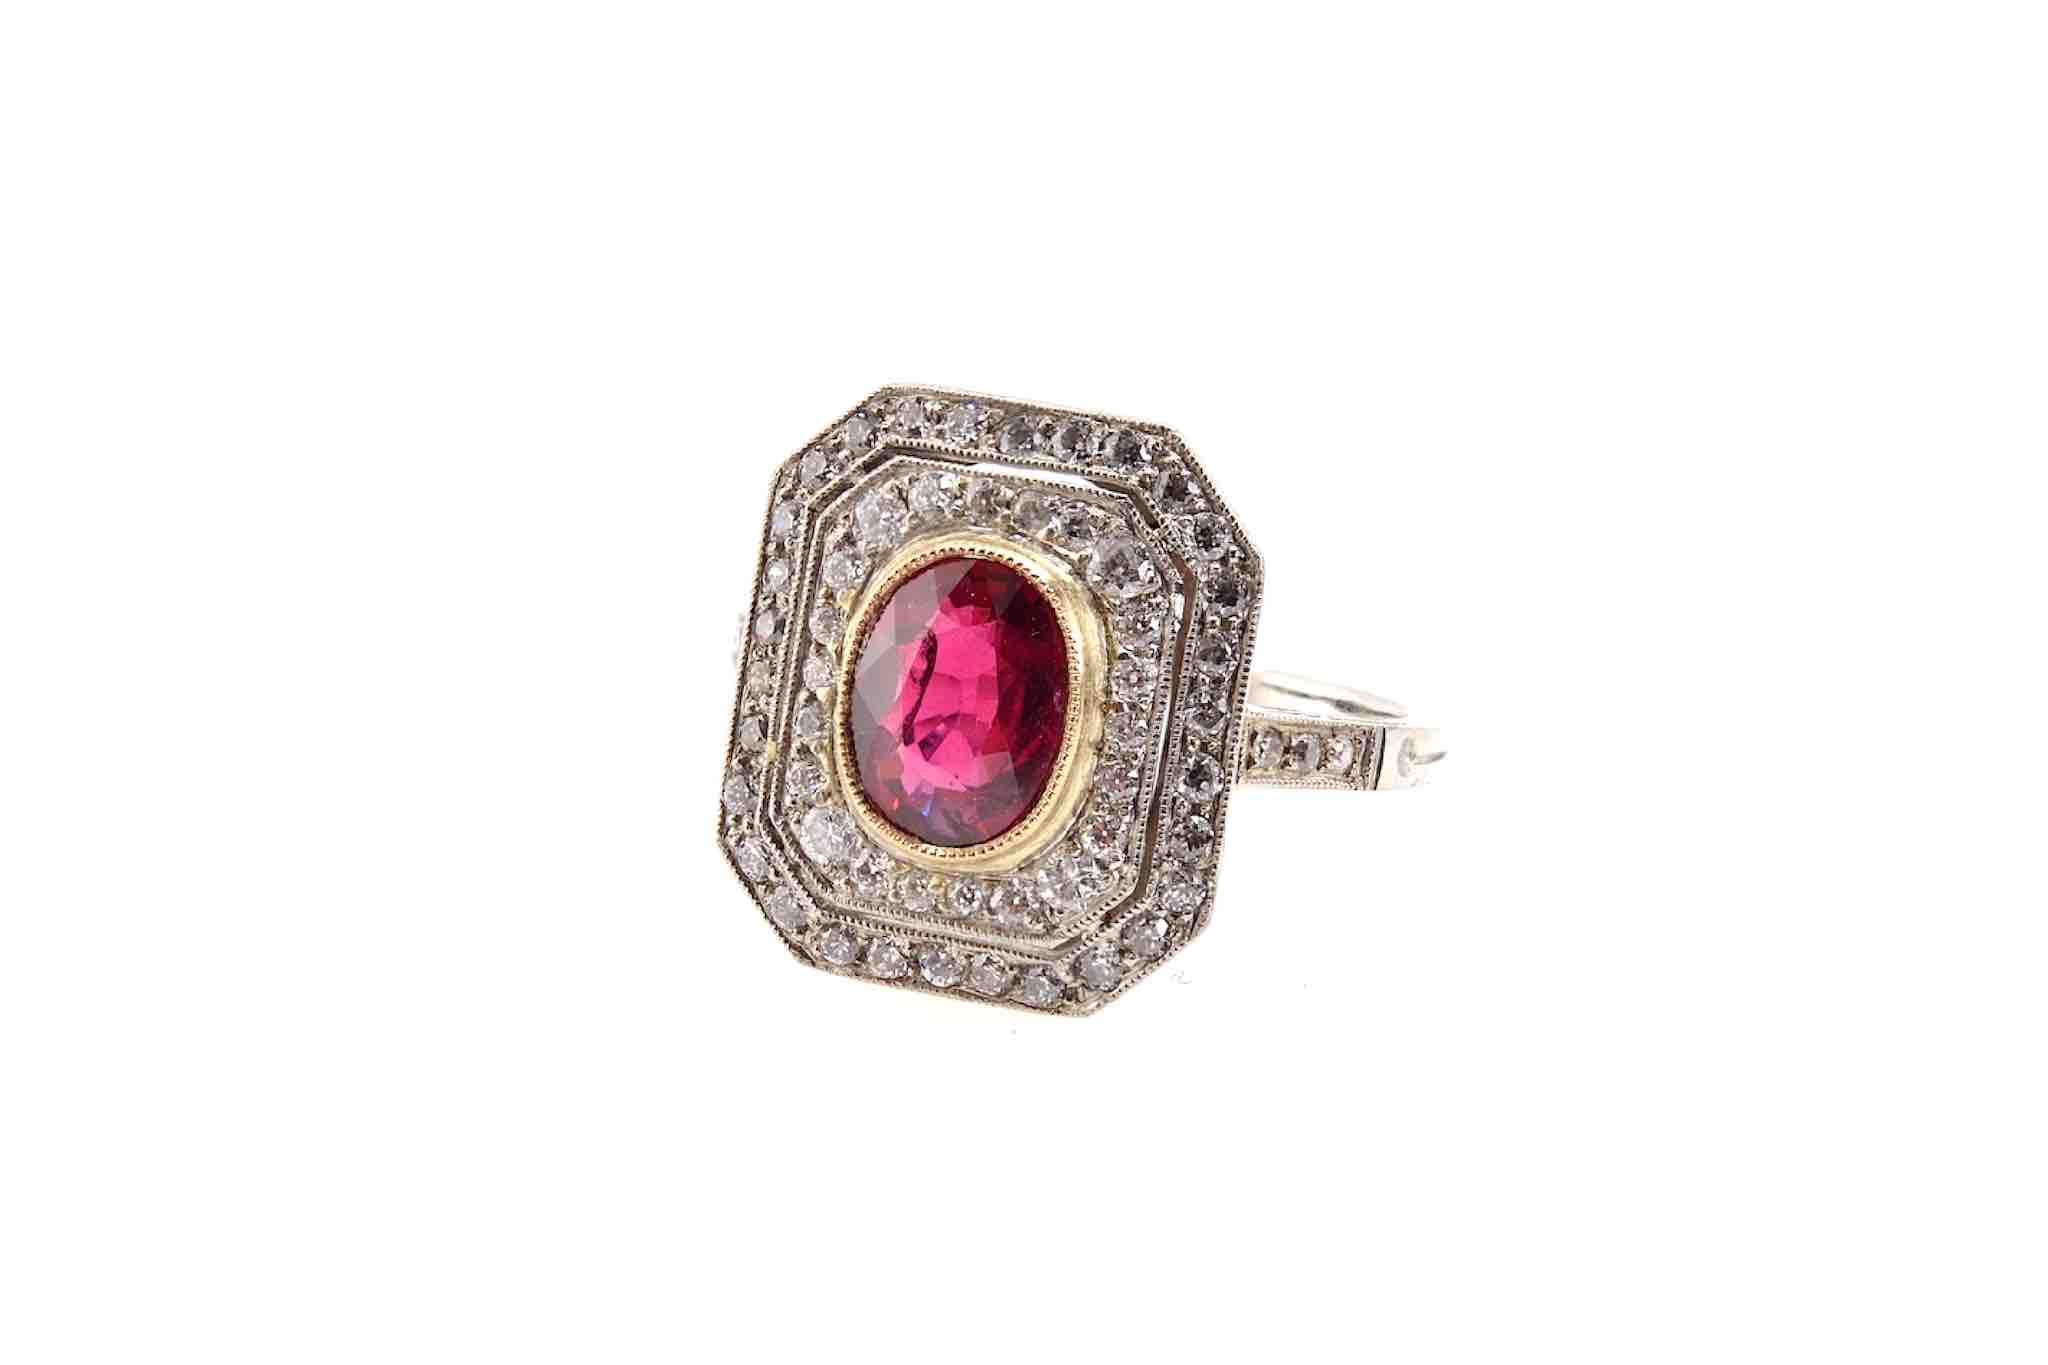 bague vintage diamants rubis